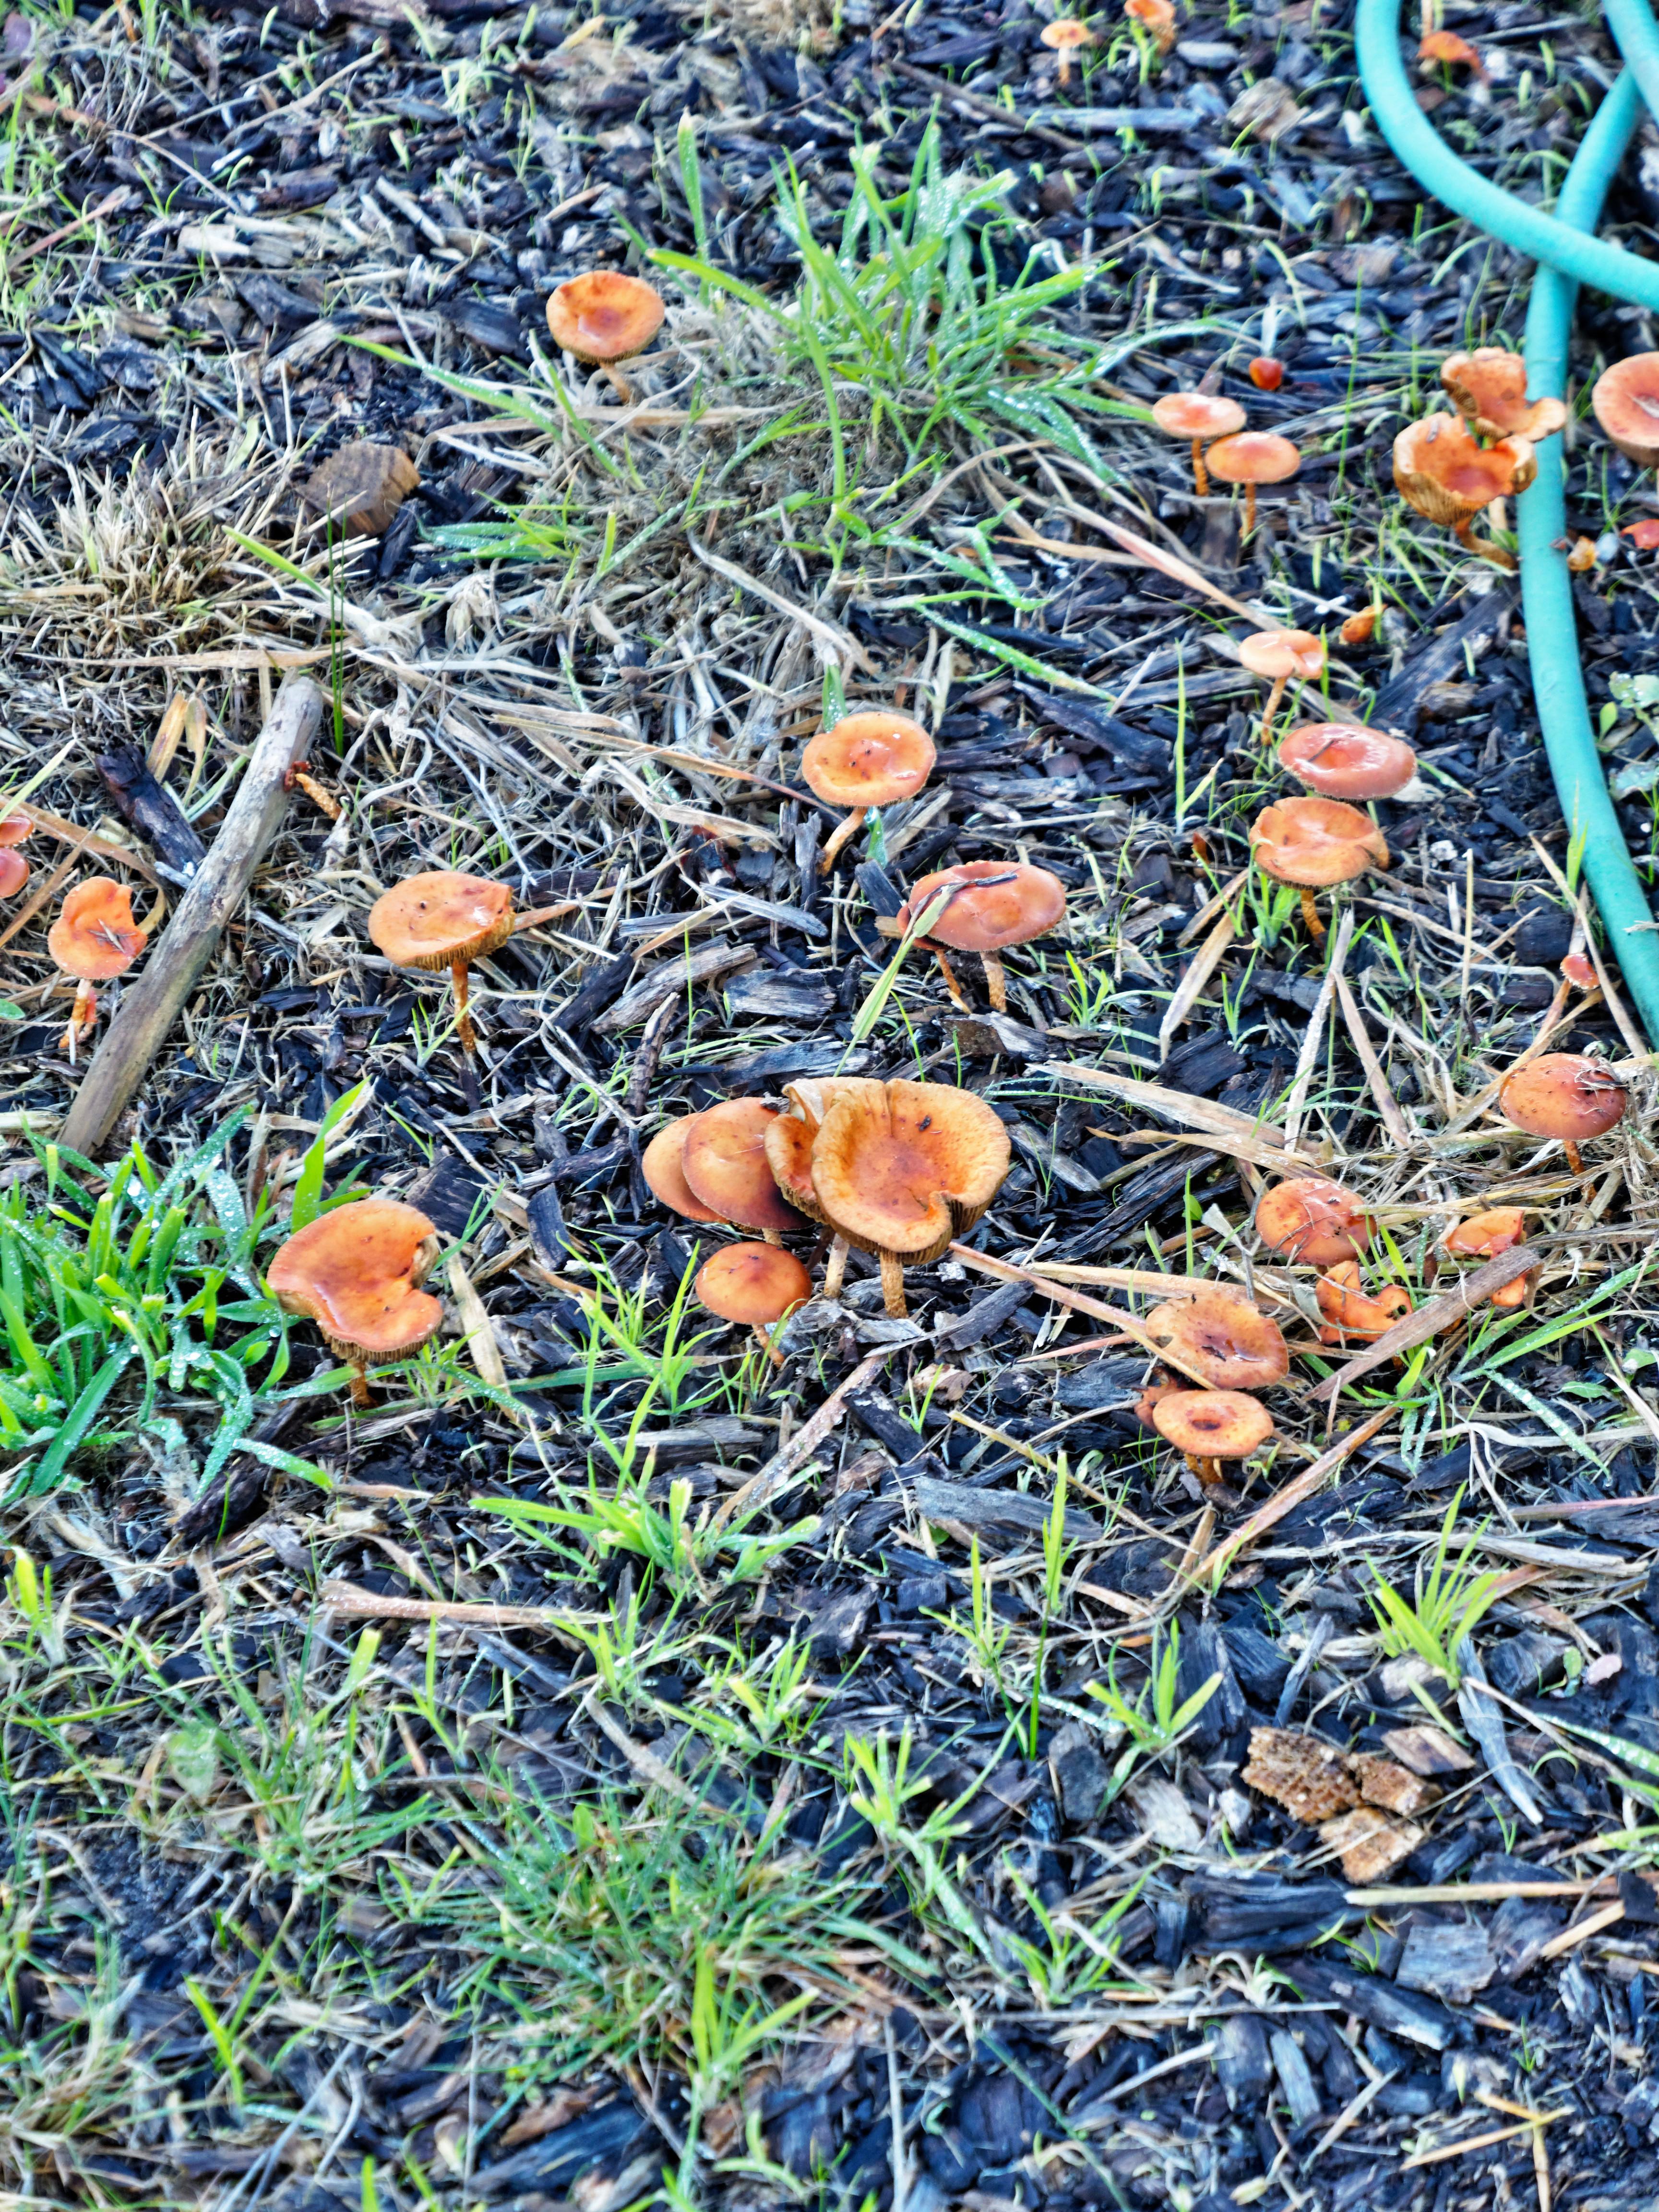 Mushrooms-2.jpeg